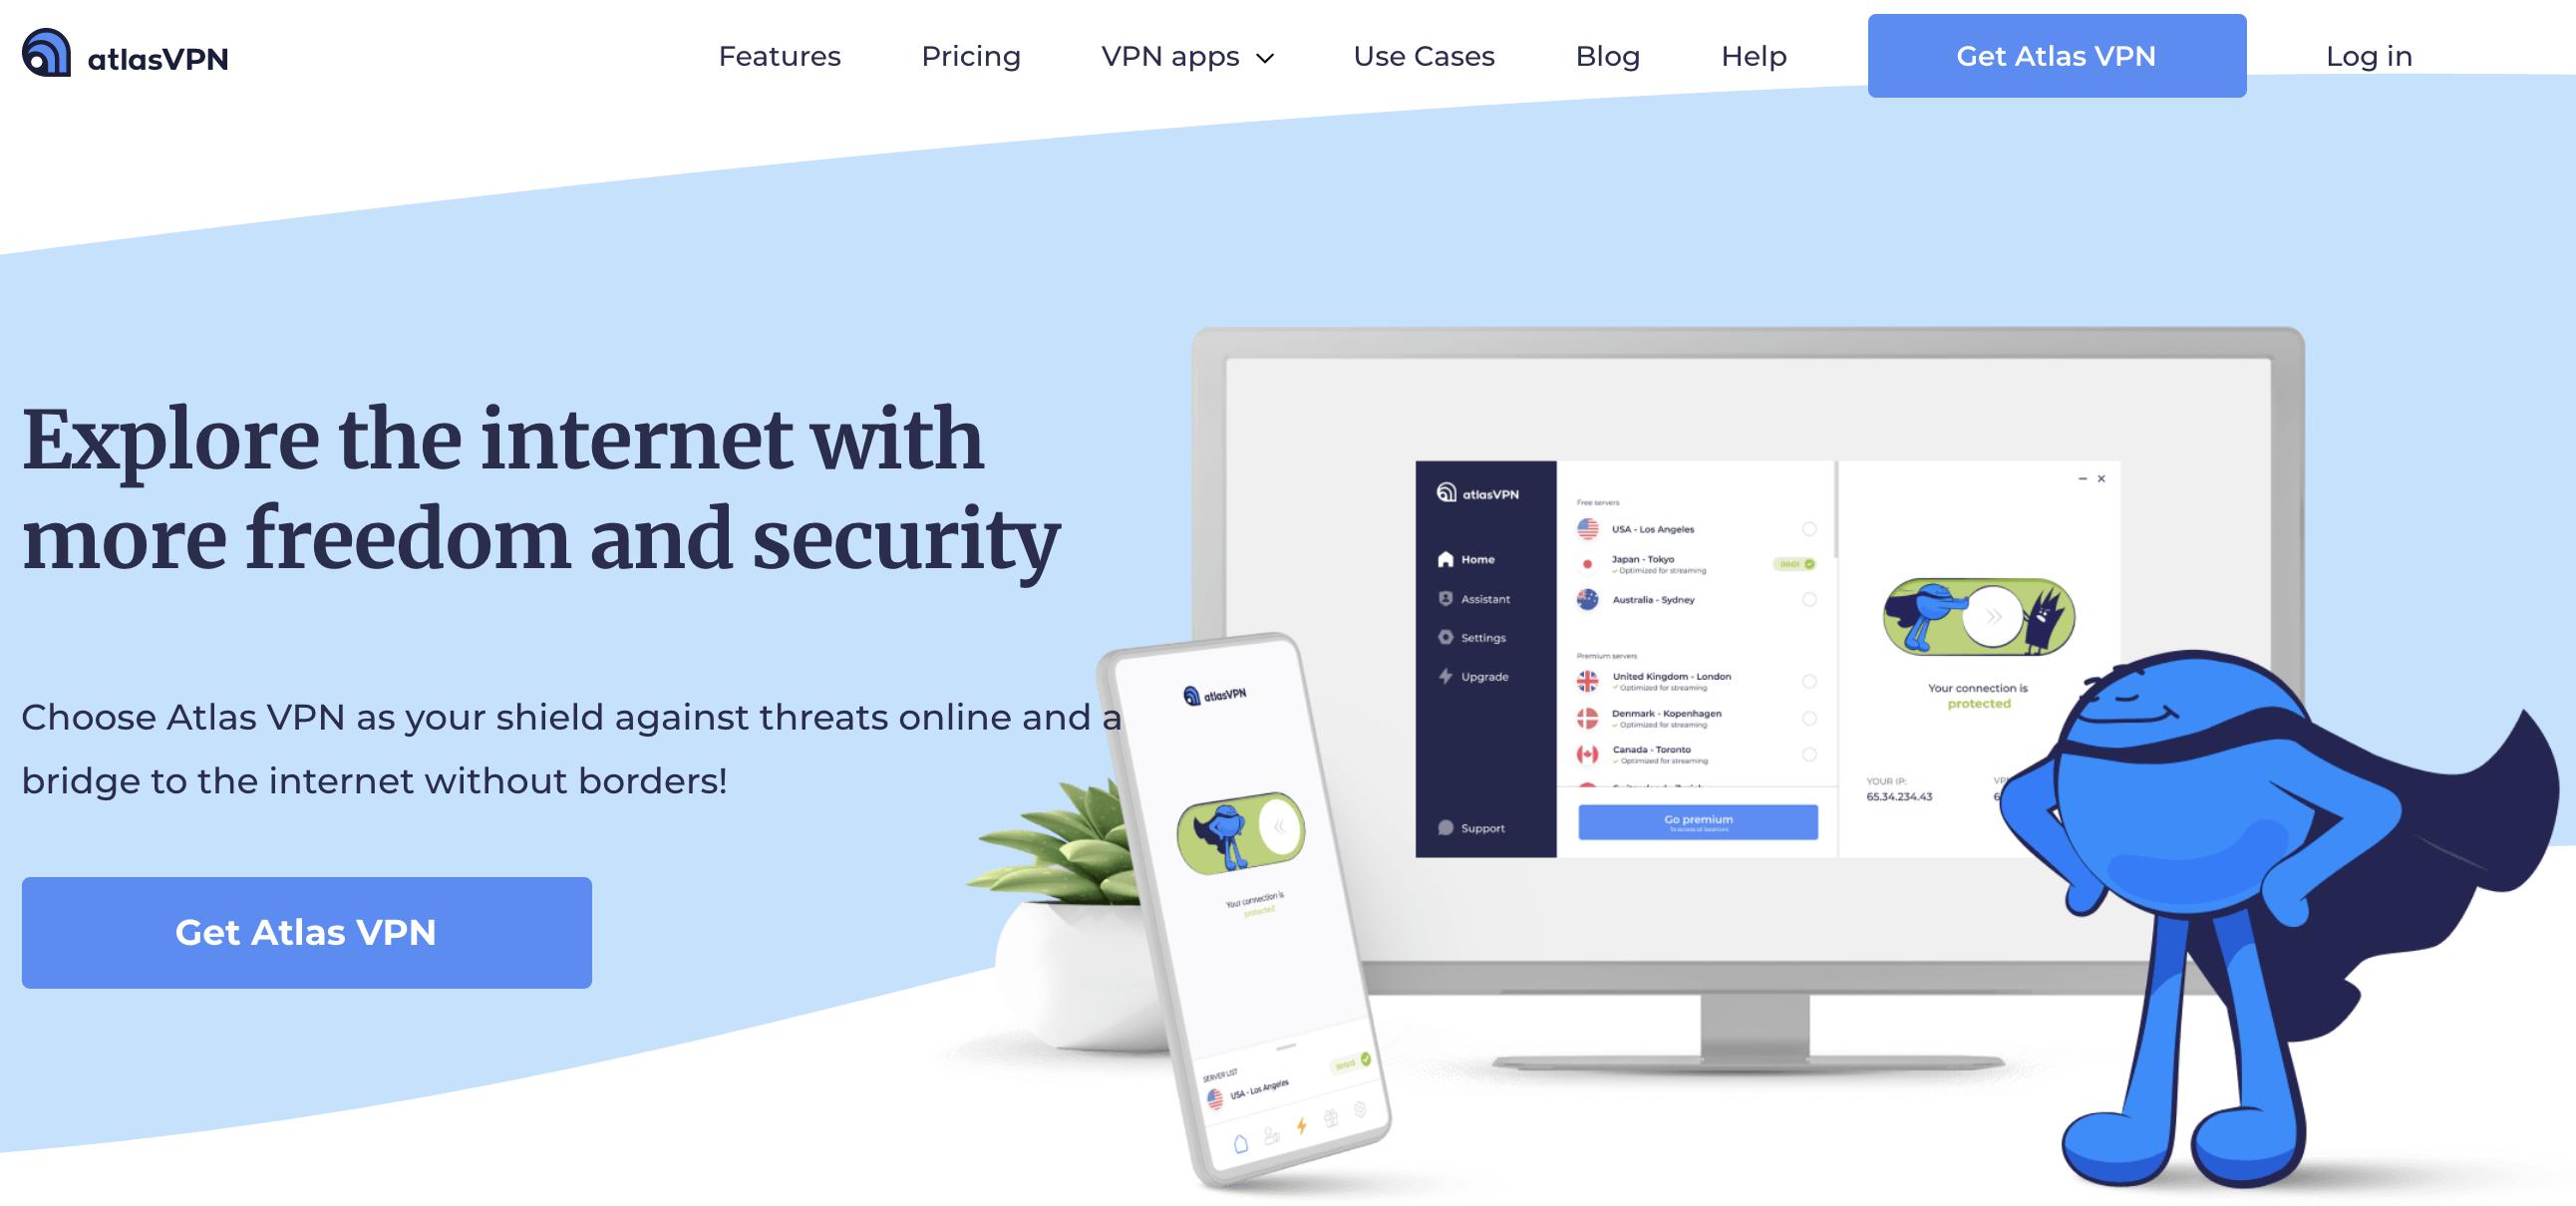 AtlasVPN Home Page Banner